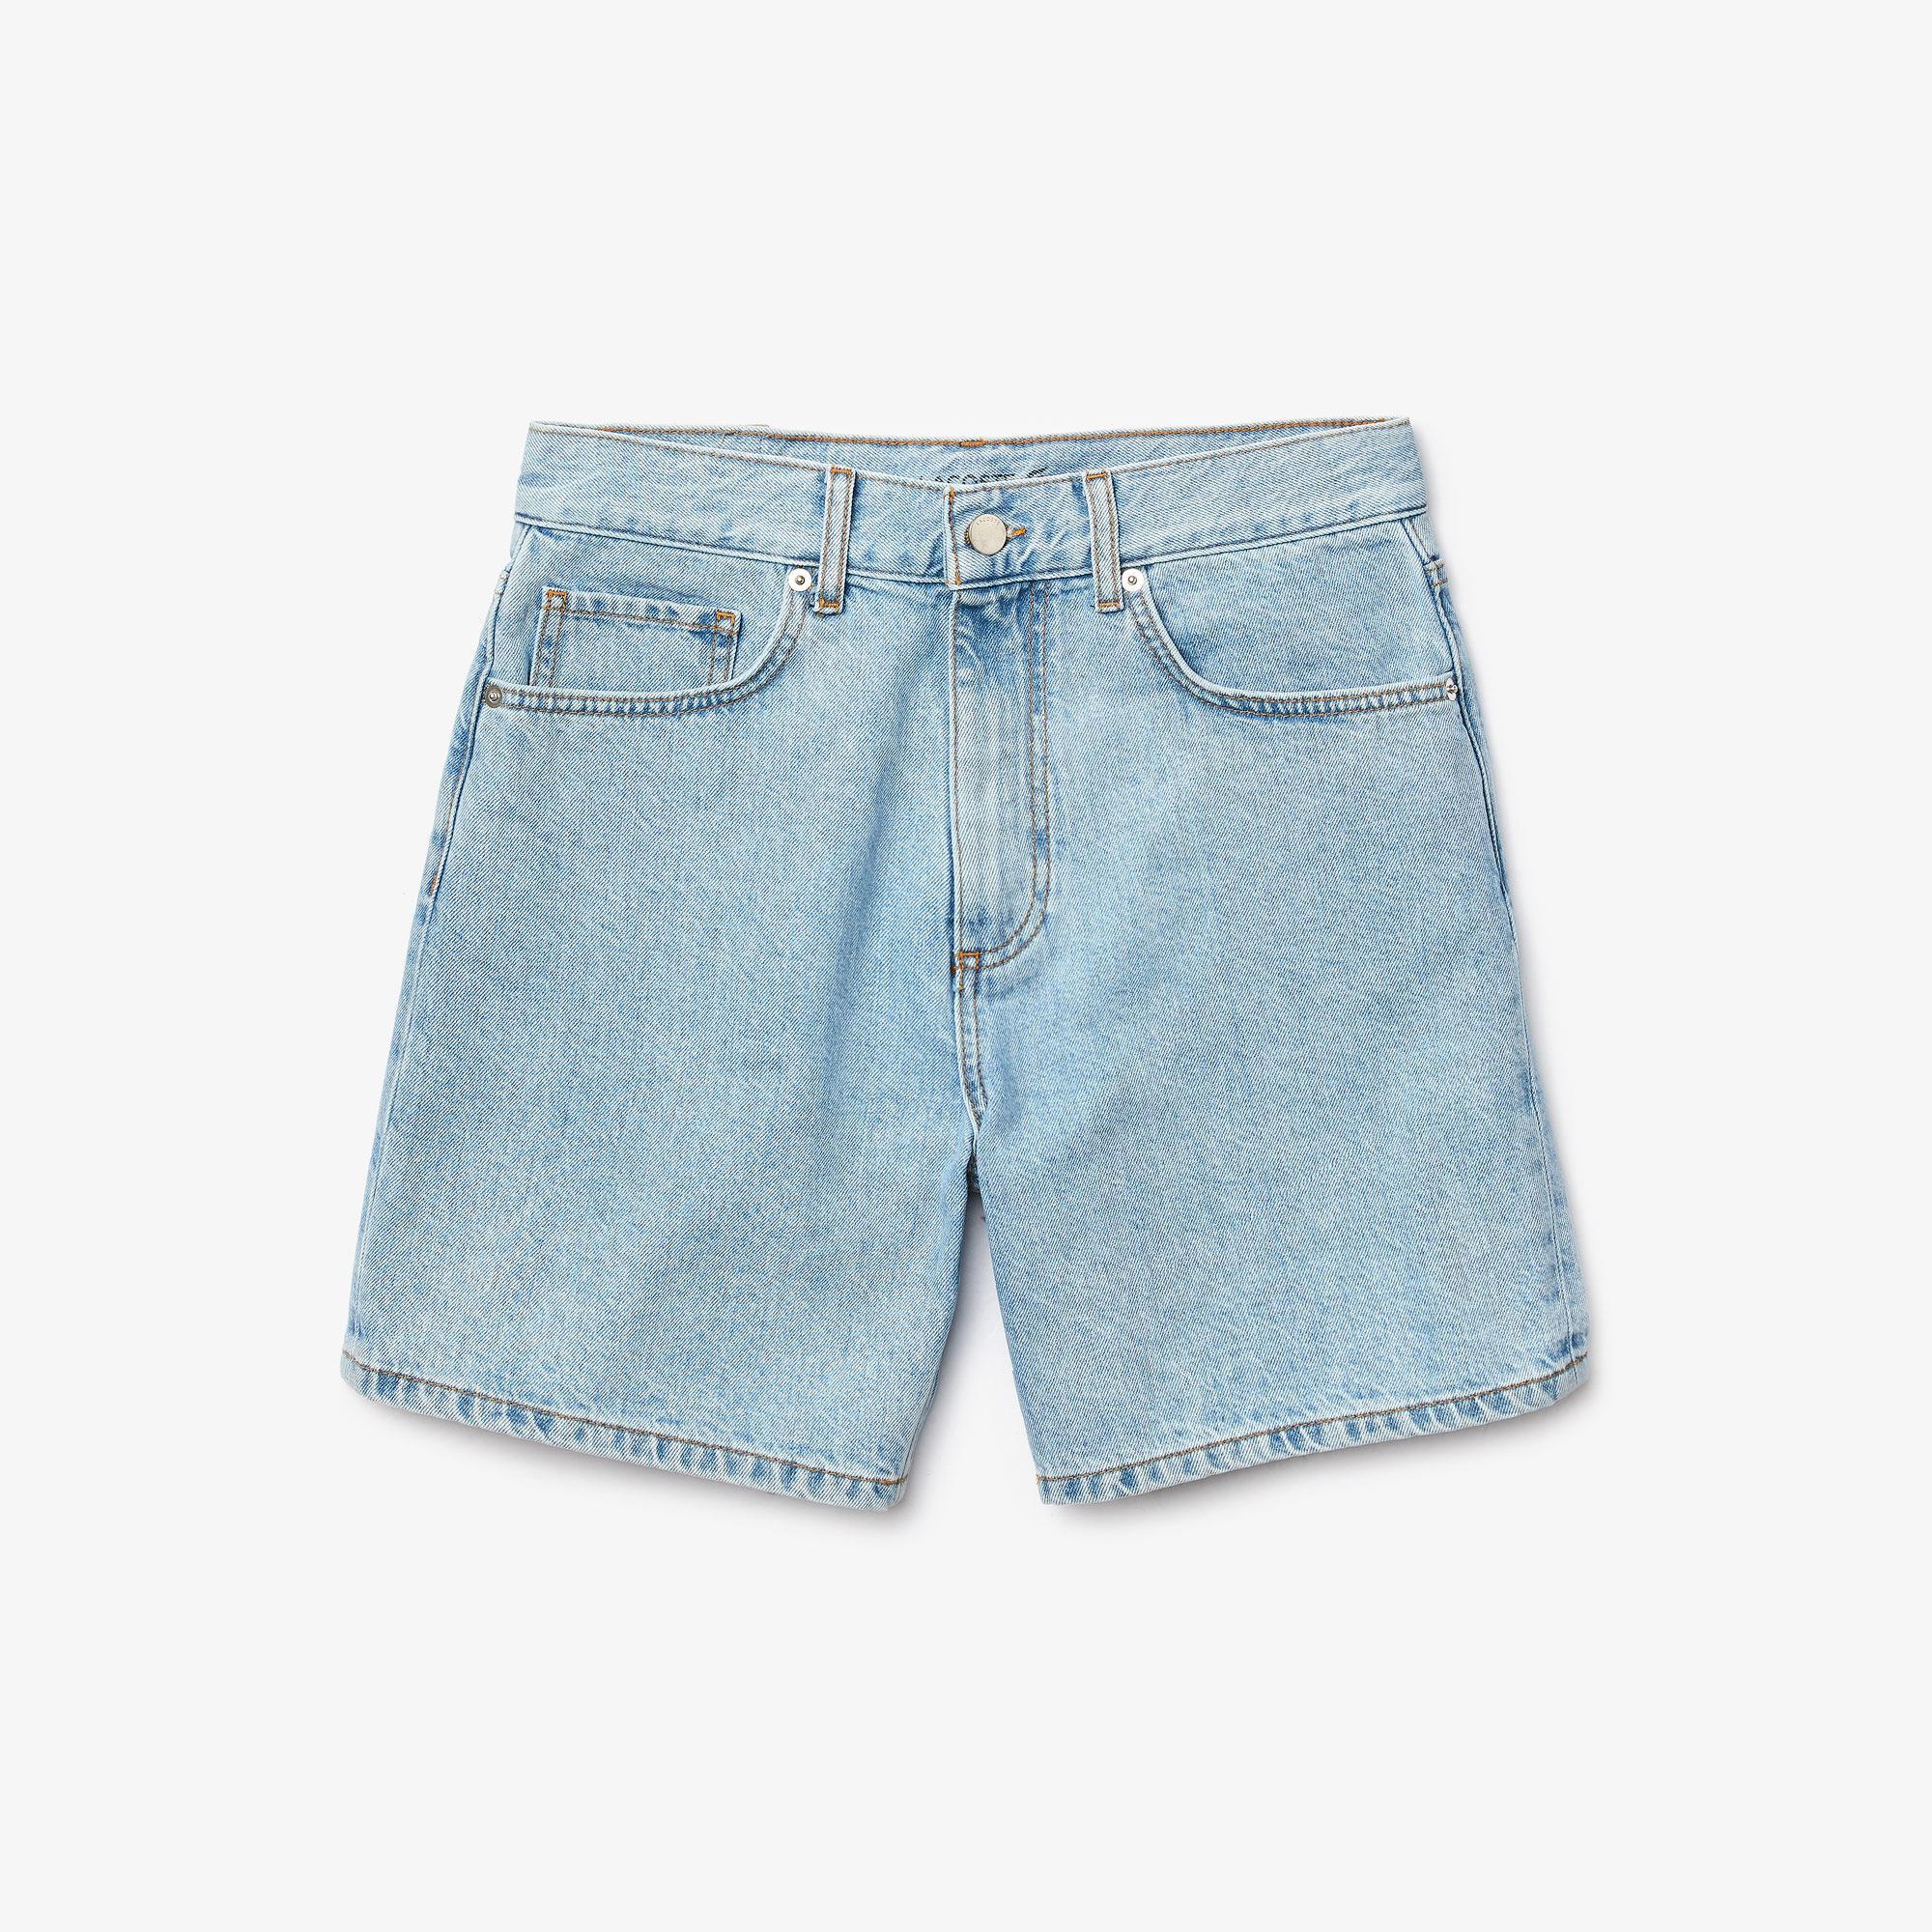 Lacoste Damskie Luźne Szorty Jeansowe Z Japońskiej Bawełny